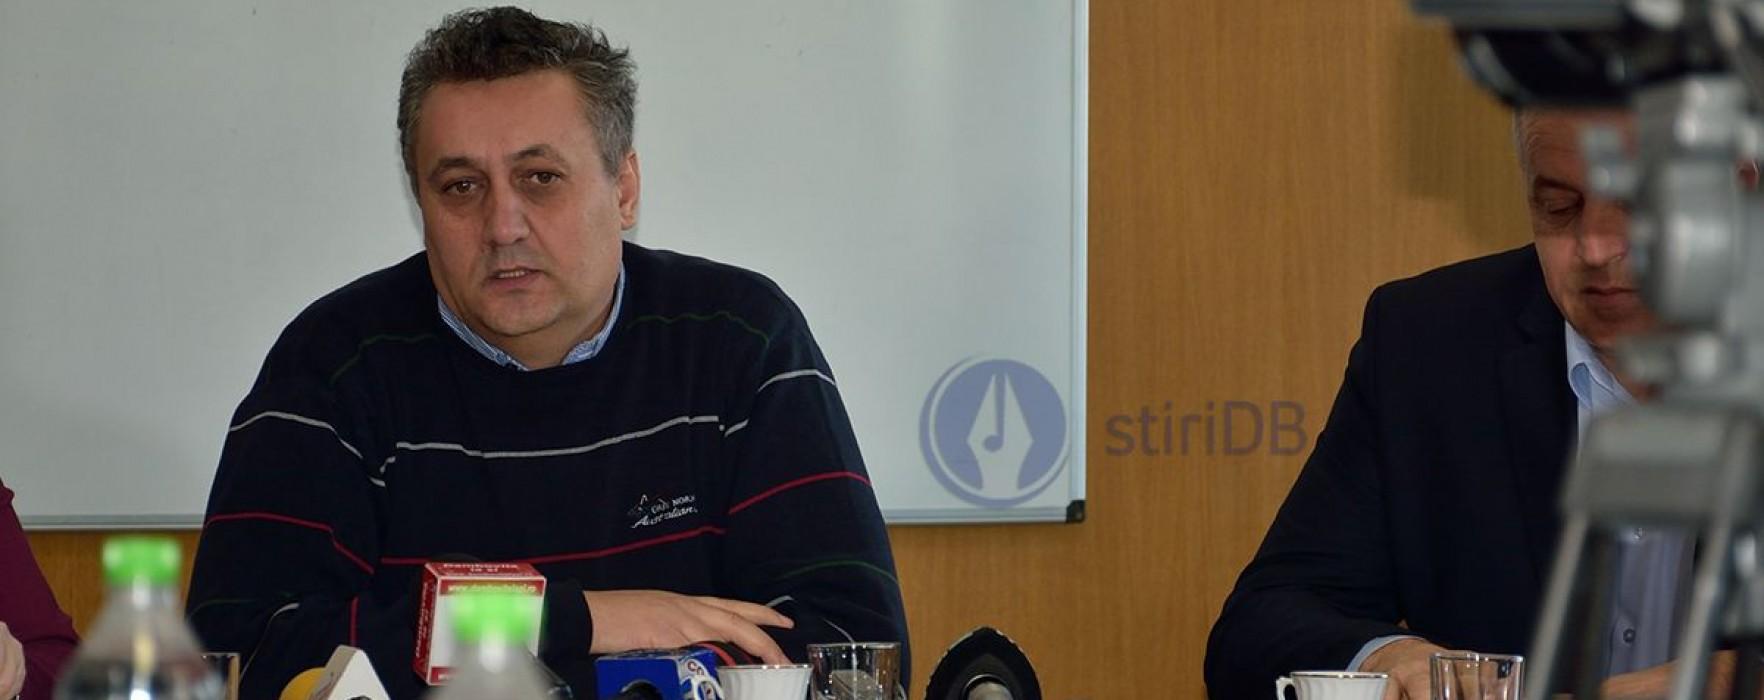 S-a redus numărul directorilor Companiei de Apă Târgovişte Dâmboviţa